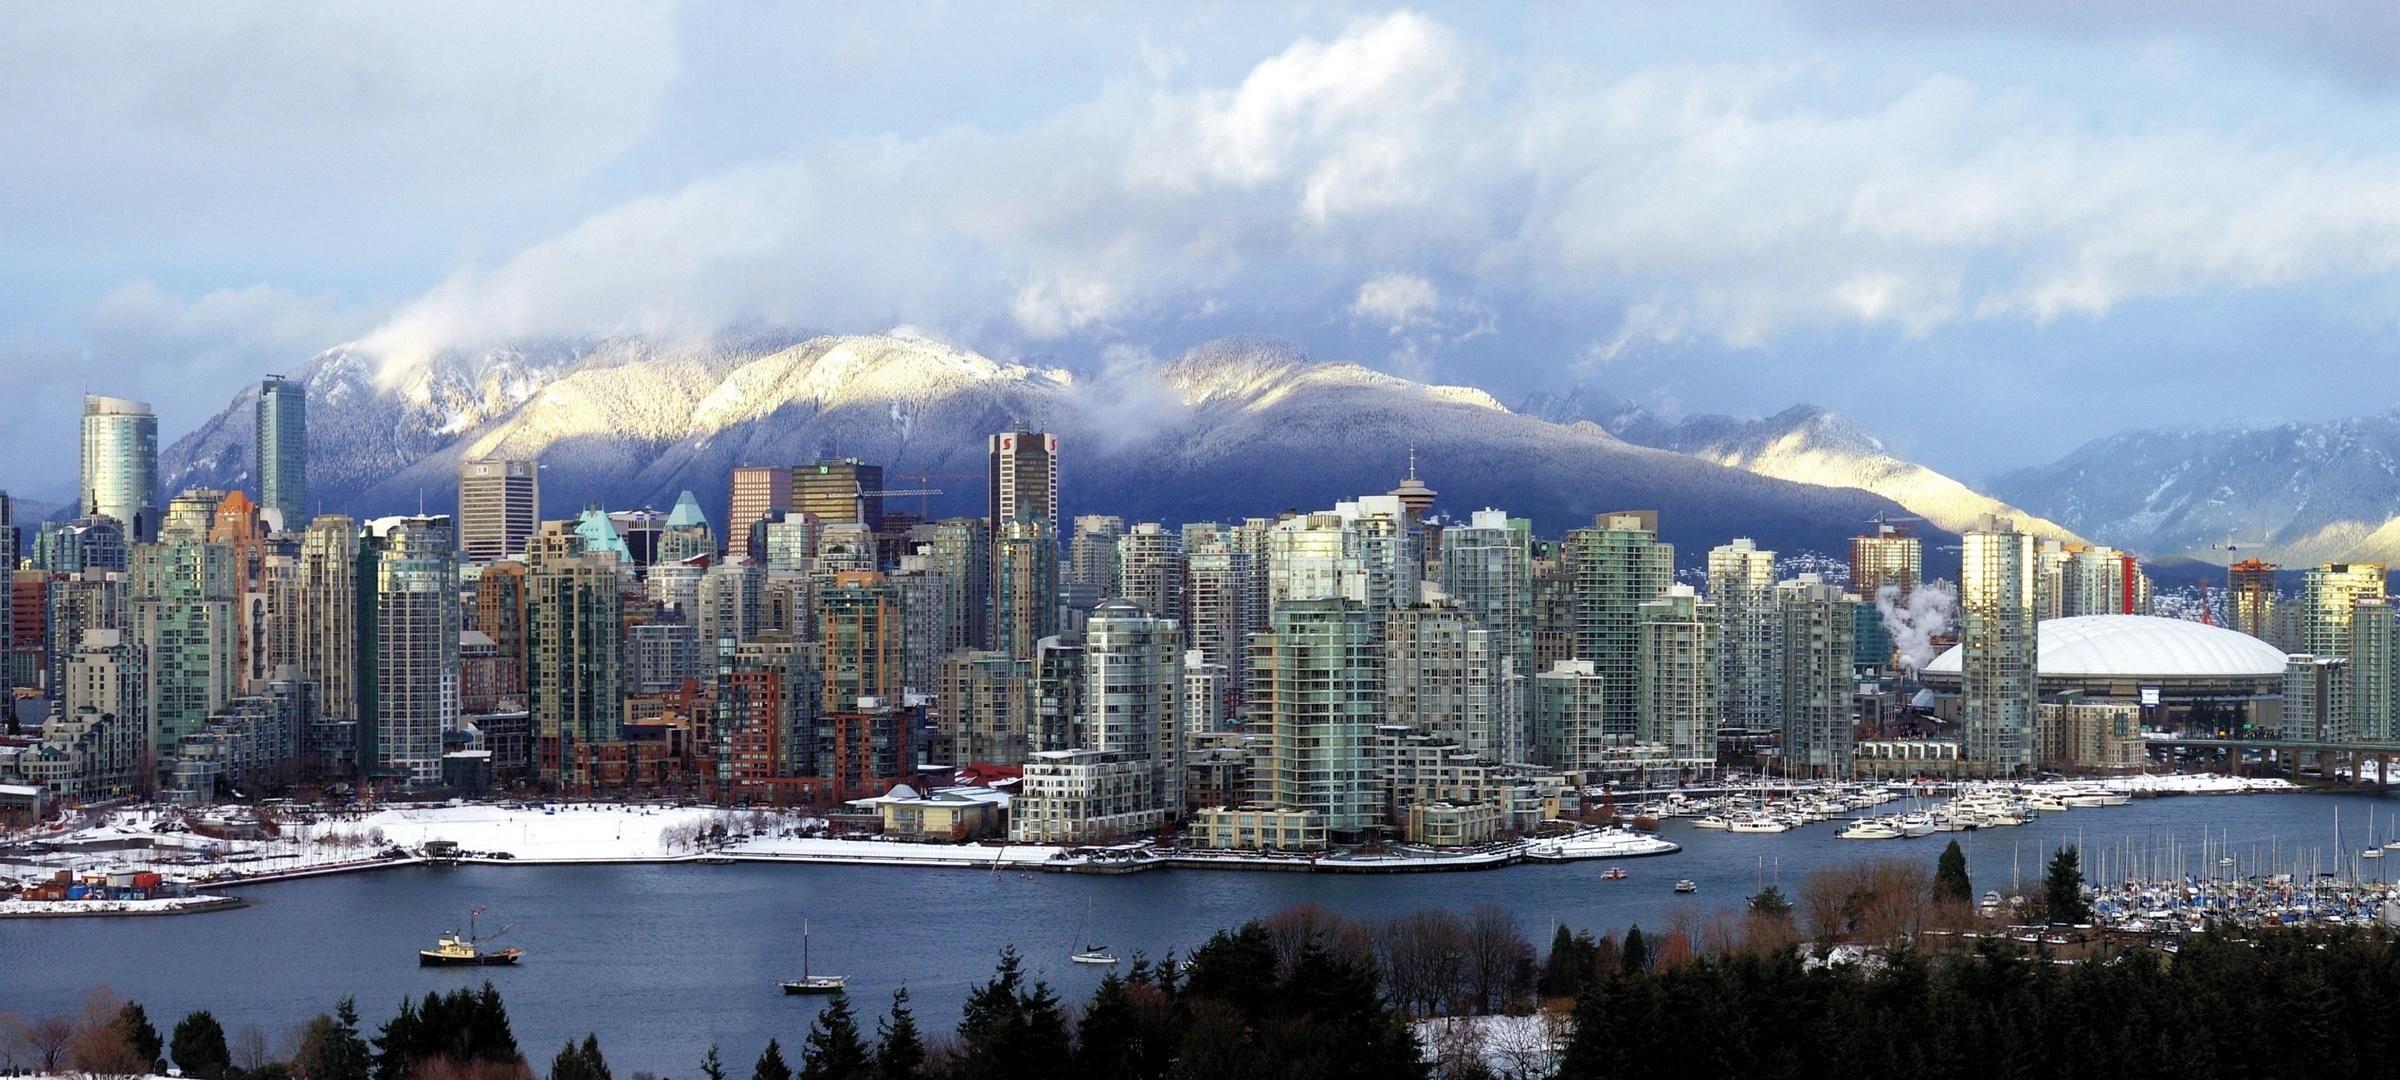 2009 Vancouver skyline panorama